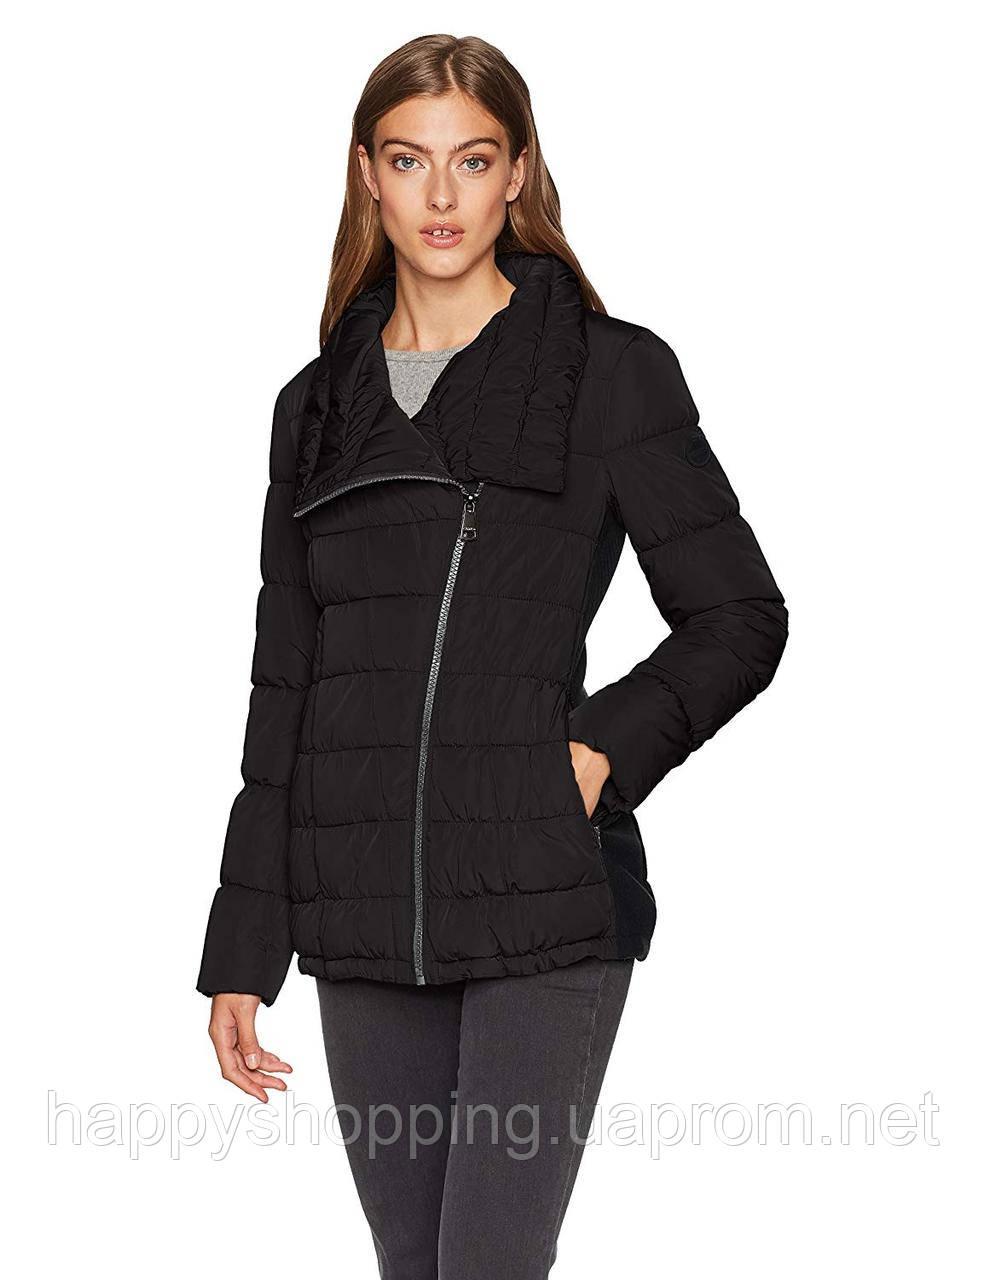 Женская стильная теплая куртка Calvin Klein